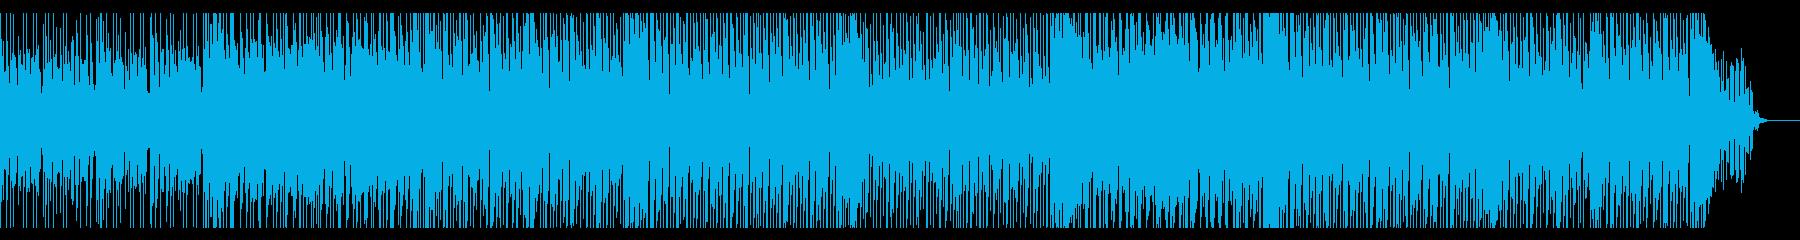 爽やかで可愛い感じのポップス曲の再生済みの波形